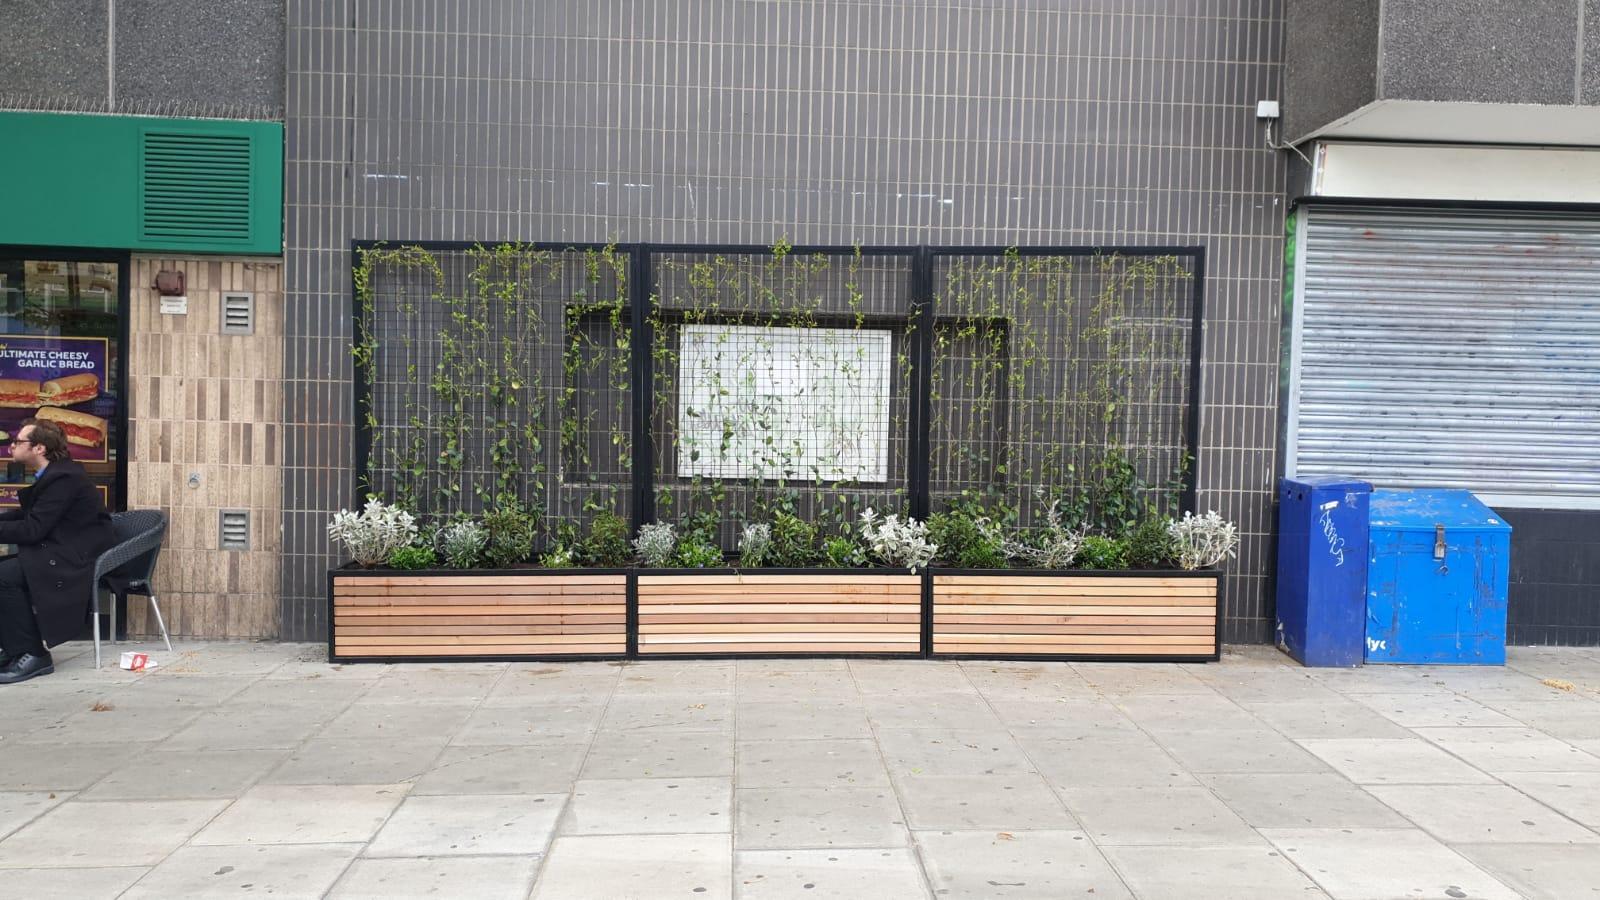 Archway underground station planters